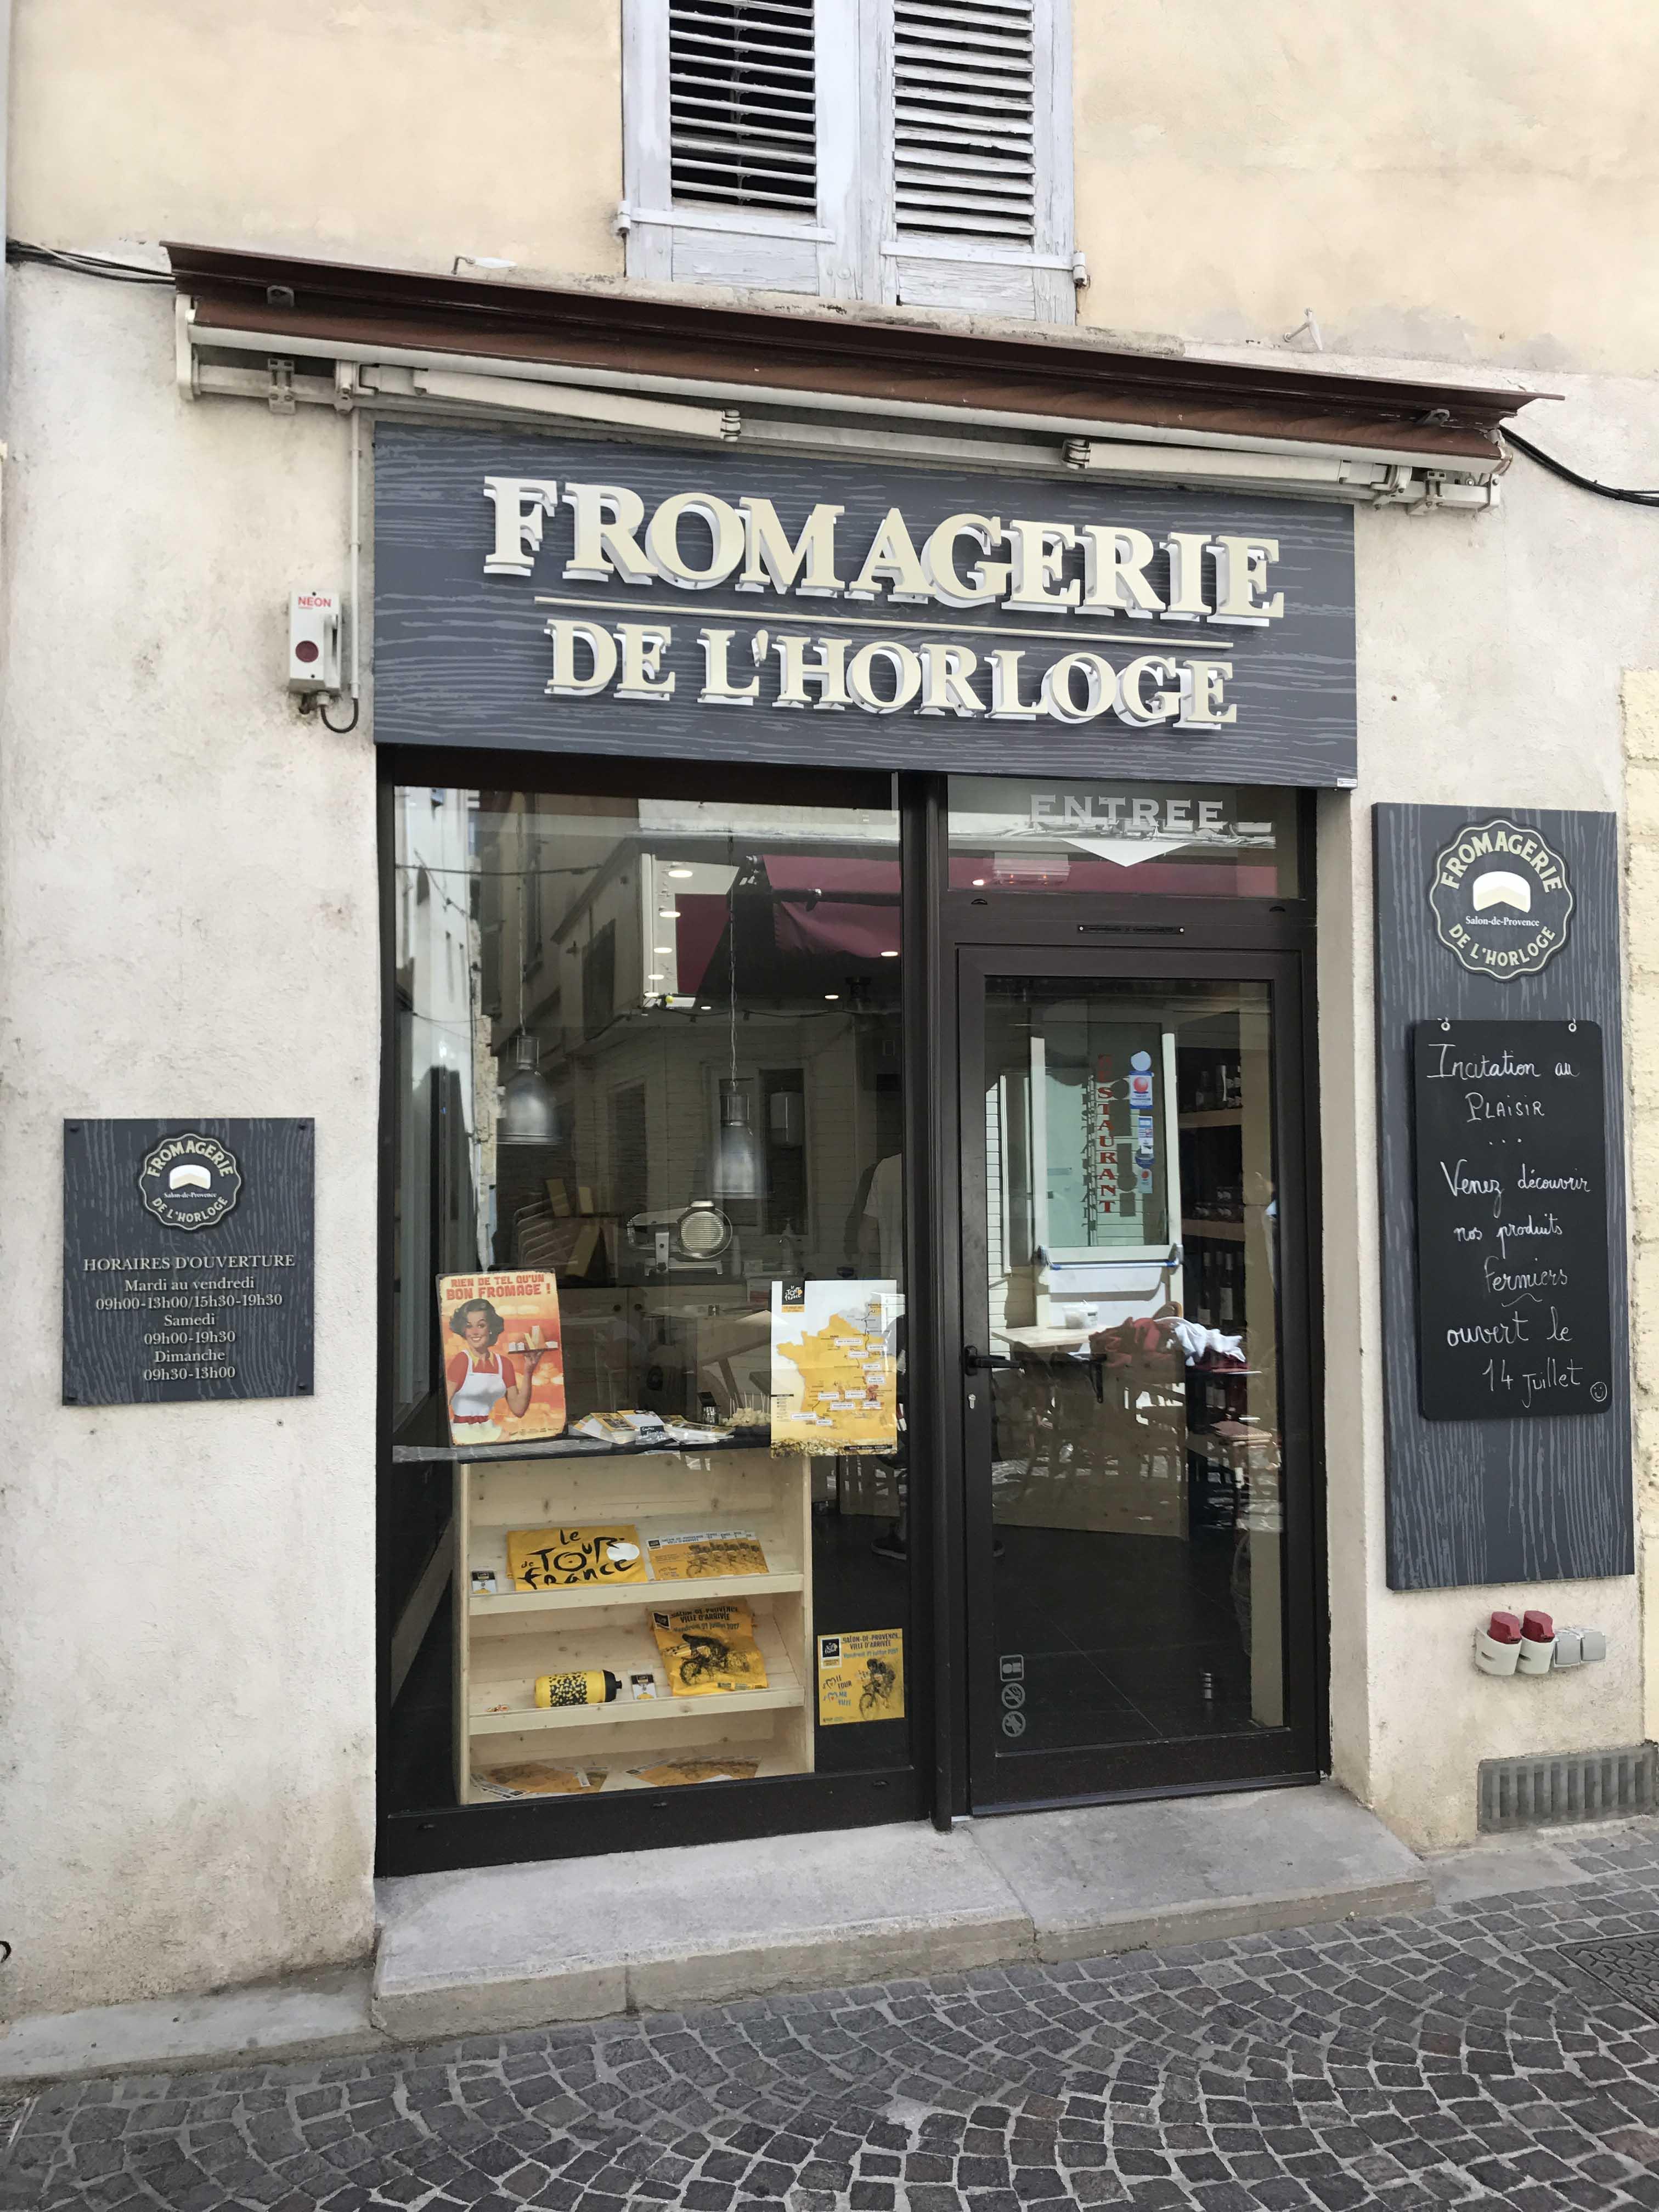 Fromagerie salon de provence fromagerie de l 39 horloge - Actualites salon de provence ...